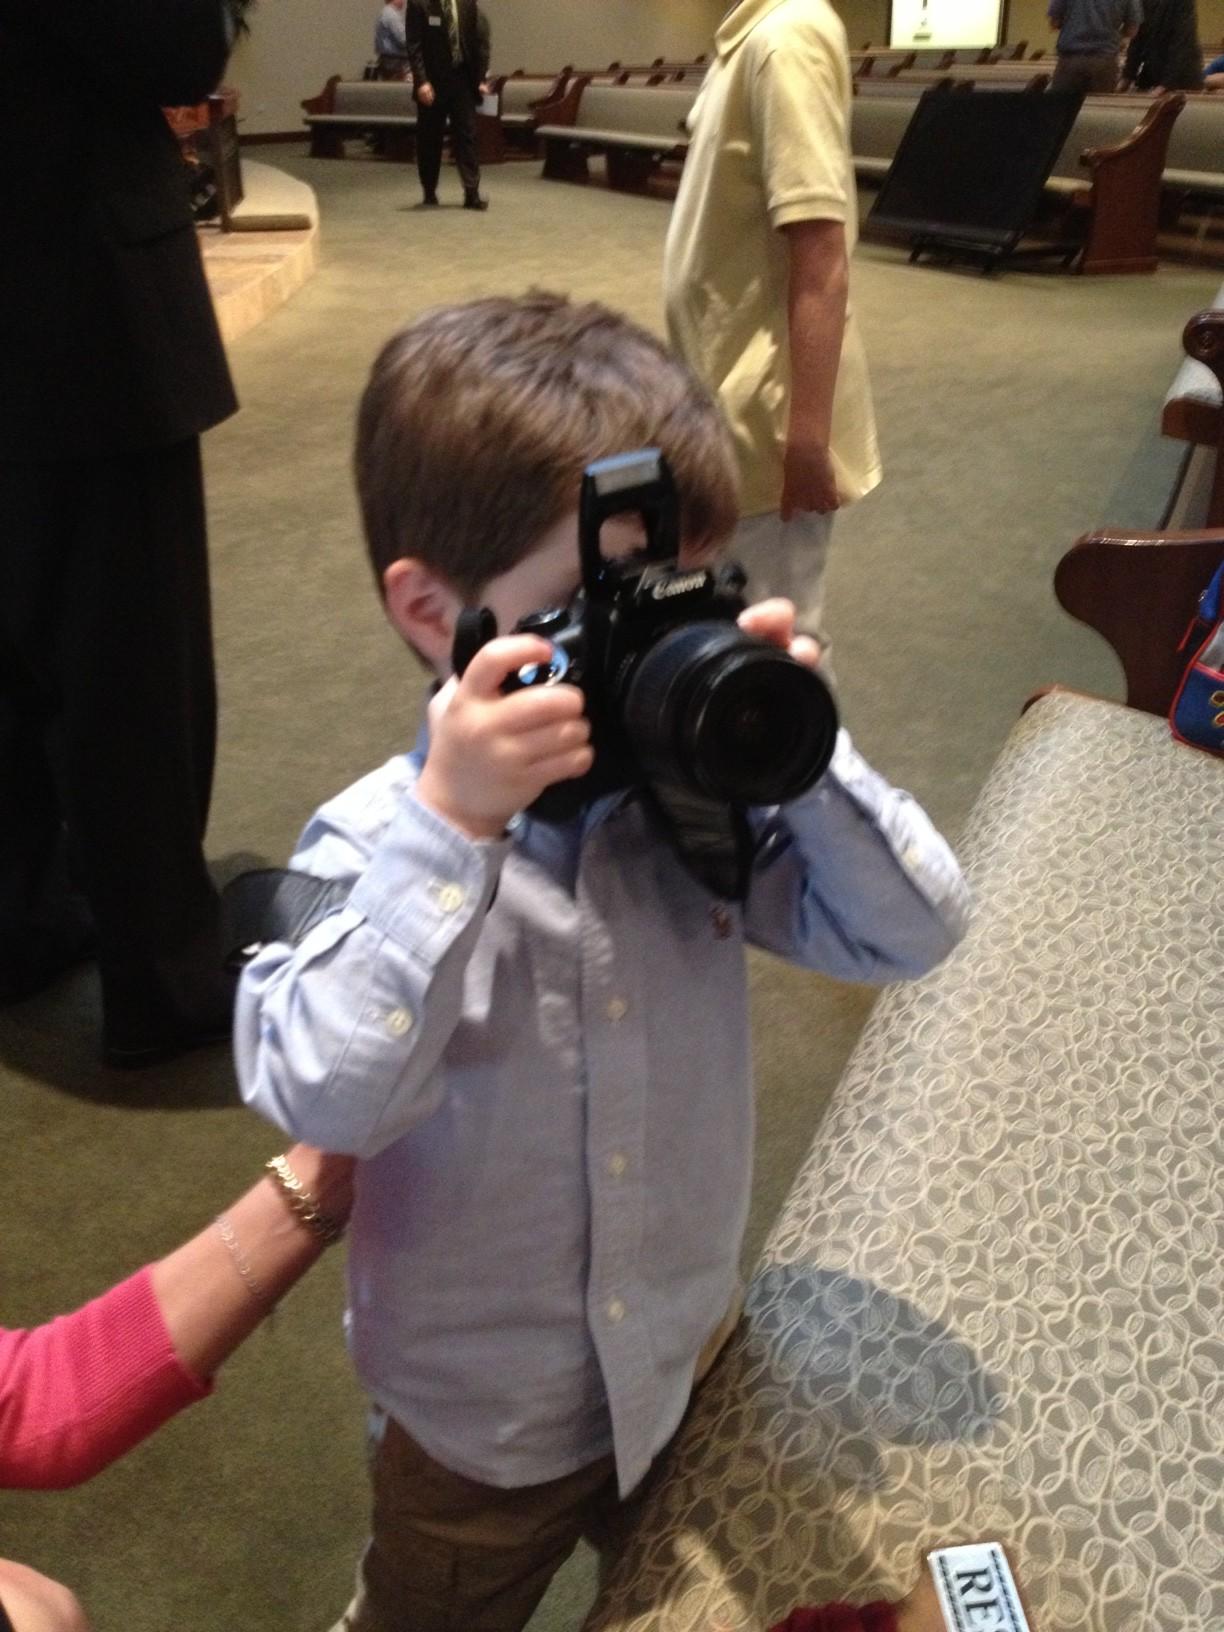 Drew photographer